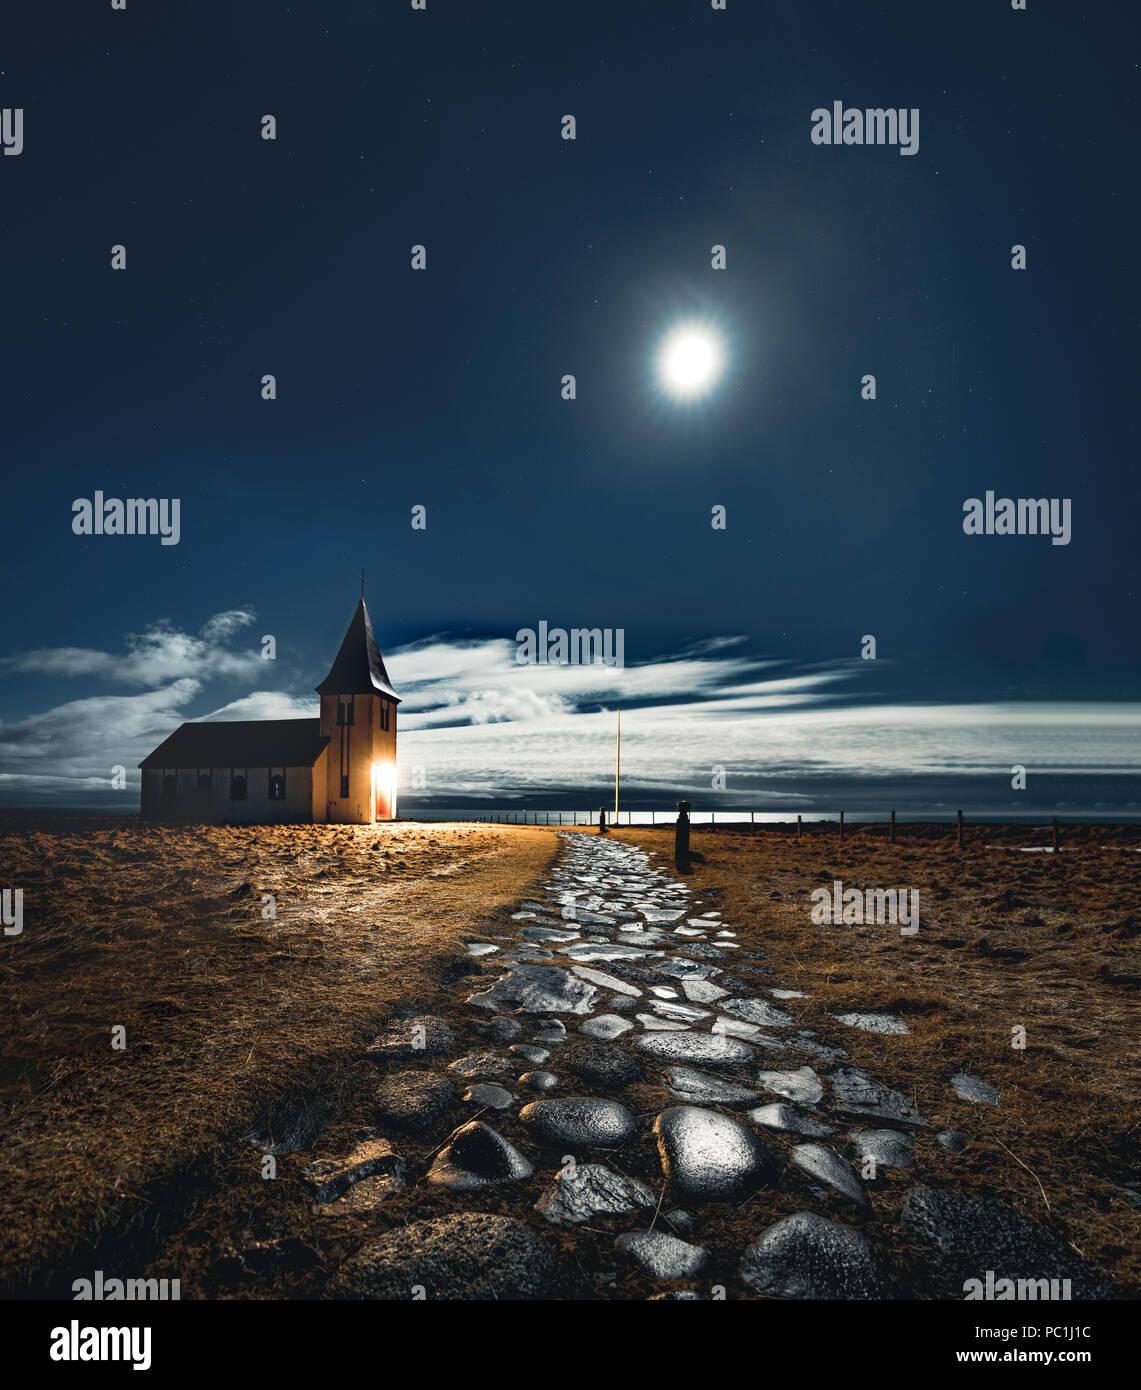 Kleine Kirche in Island Snaefellsnes bei Nacht mit Mond Sterne blau Himmel und Wolken. Stockbild